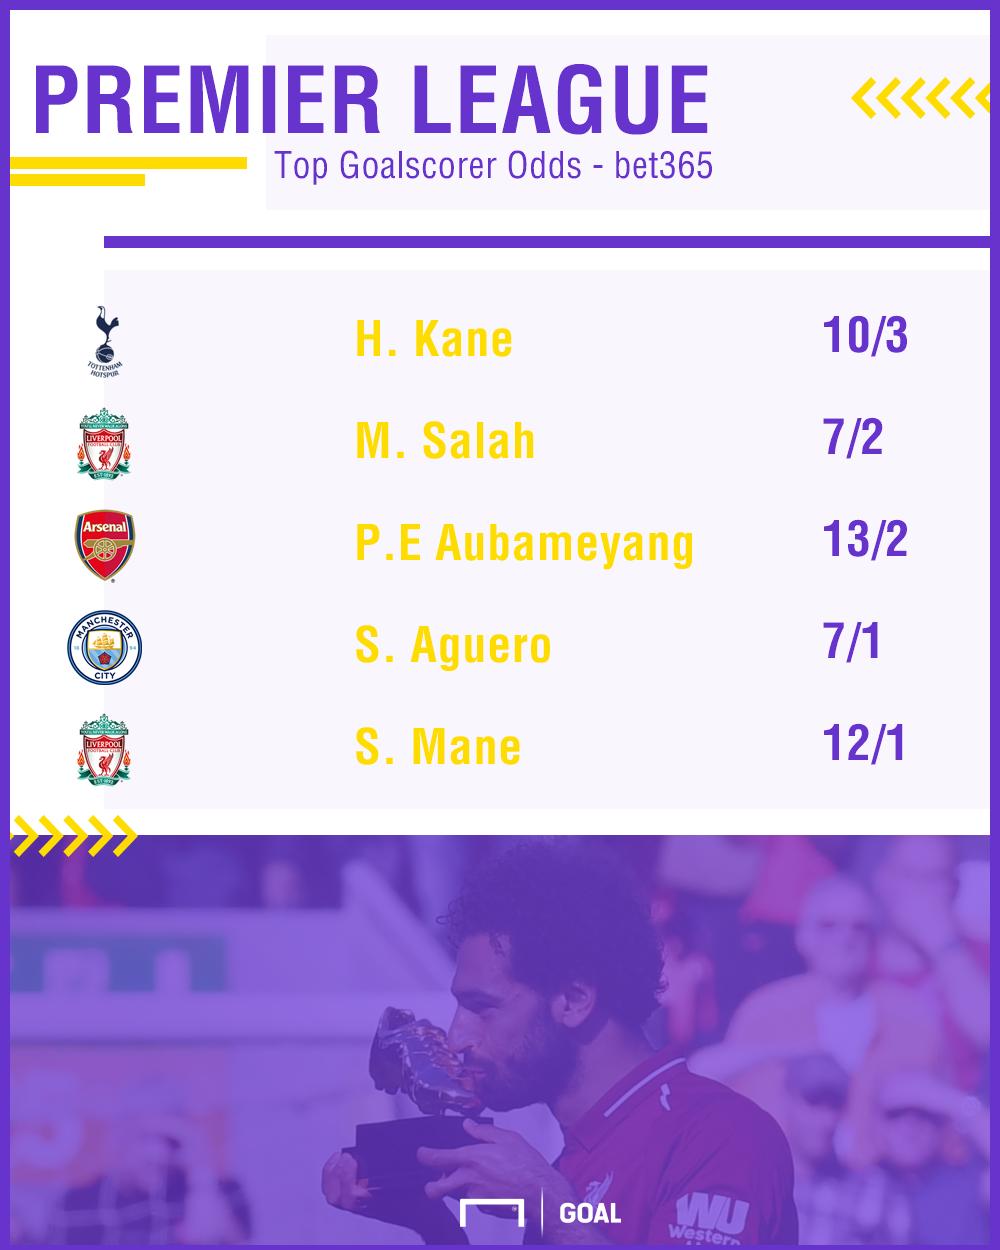 Premier League Top Goalscorer odds - bet365